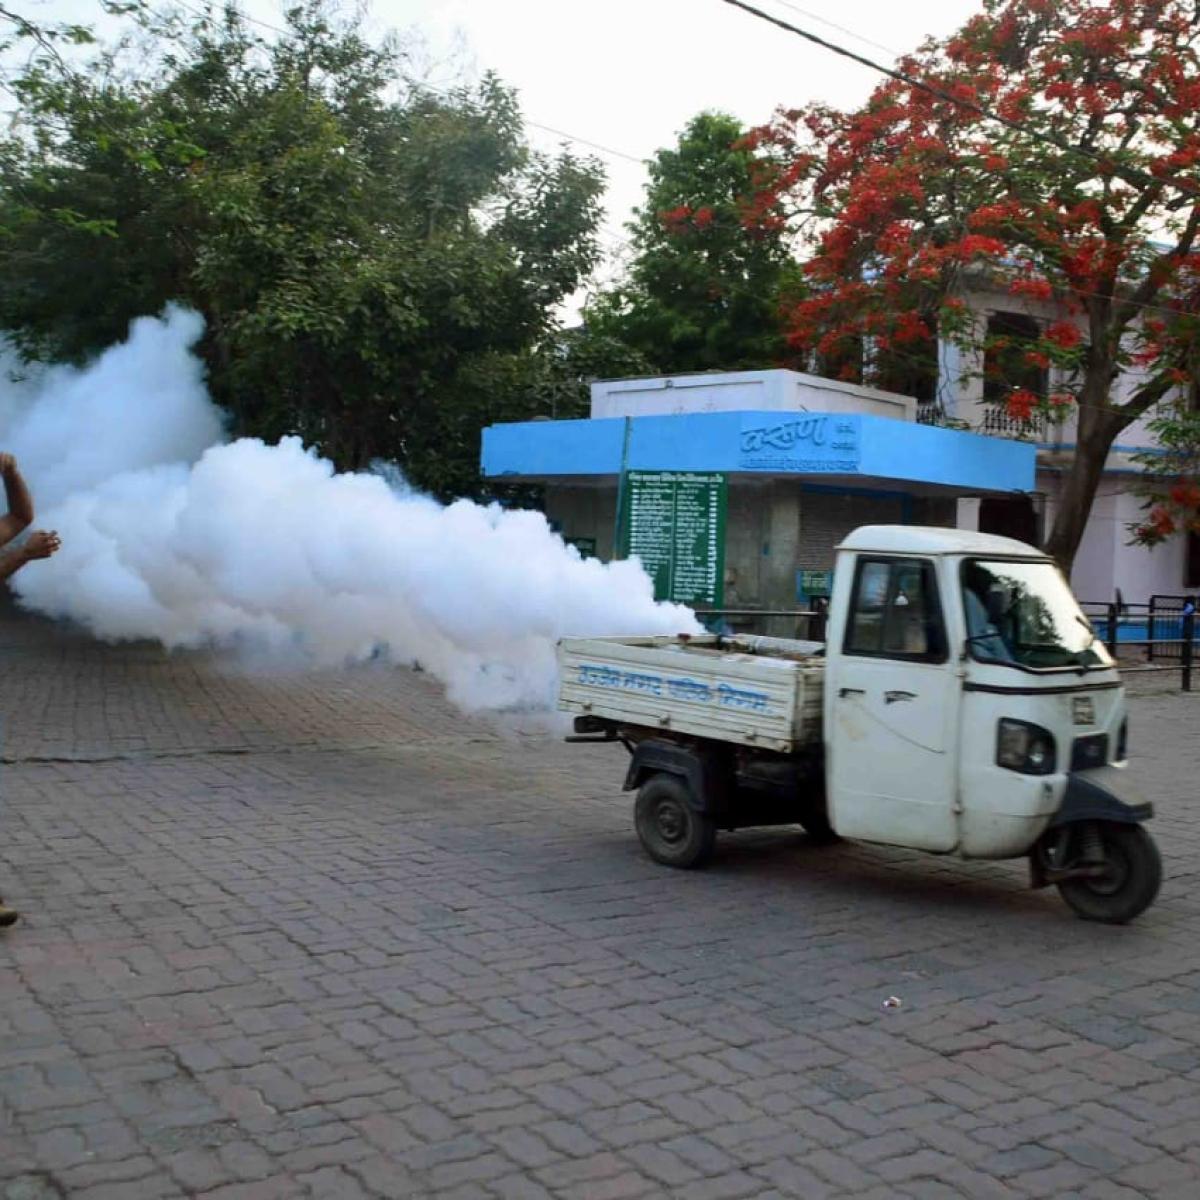 Coronavirus in Ujjain: CASES CROSS 10,000 MARK